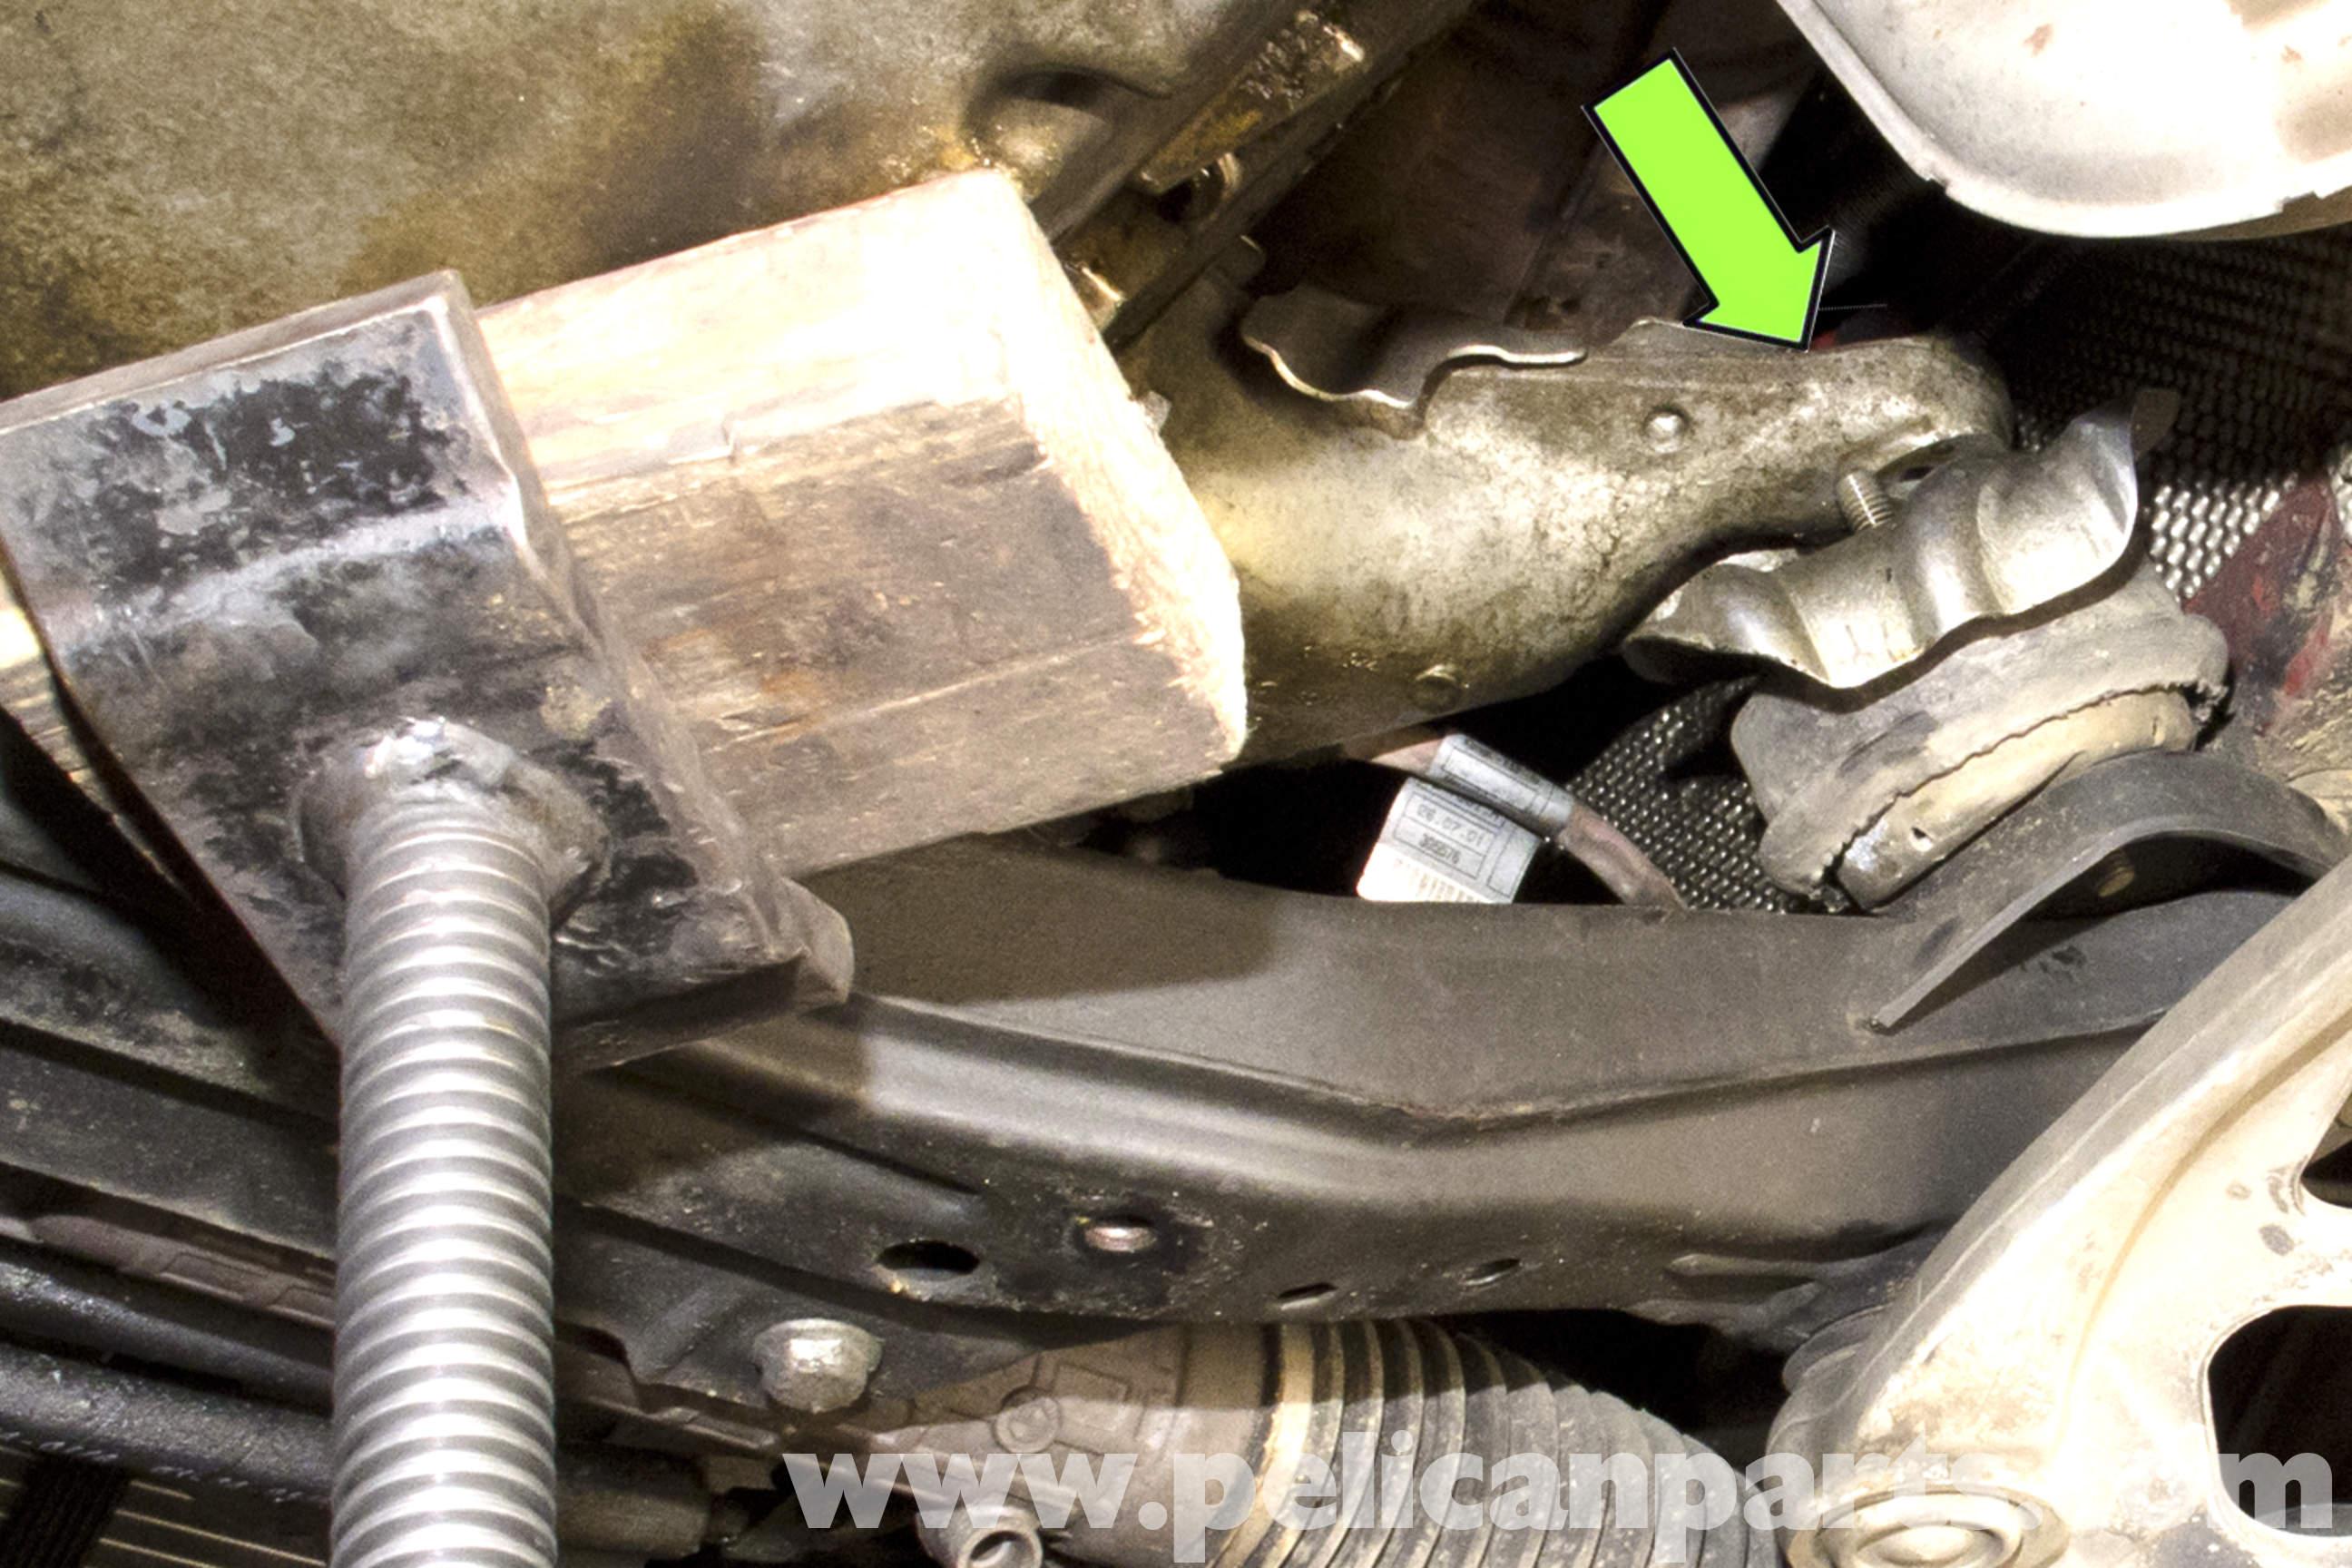 BMW E46 Engine Mount Replacement | BMW 325i (2001-2005), BMW